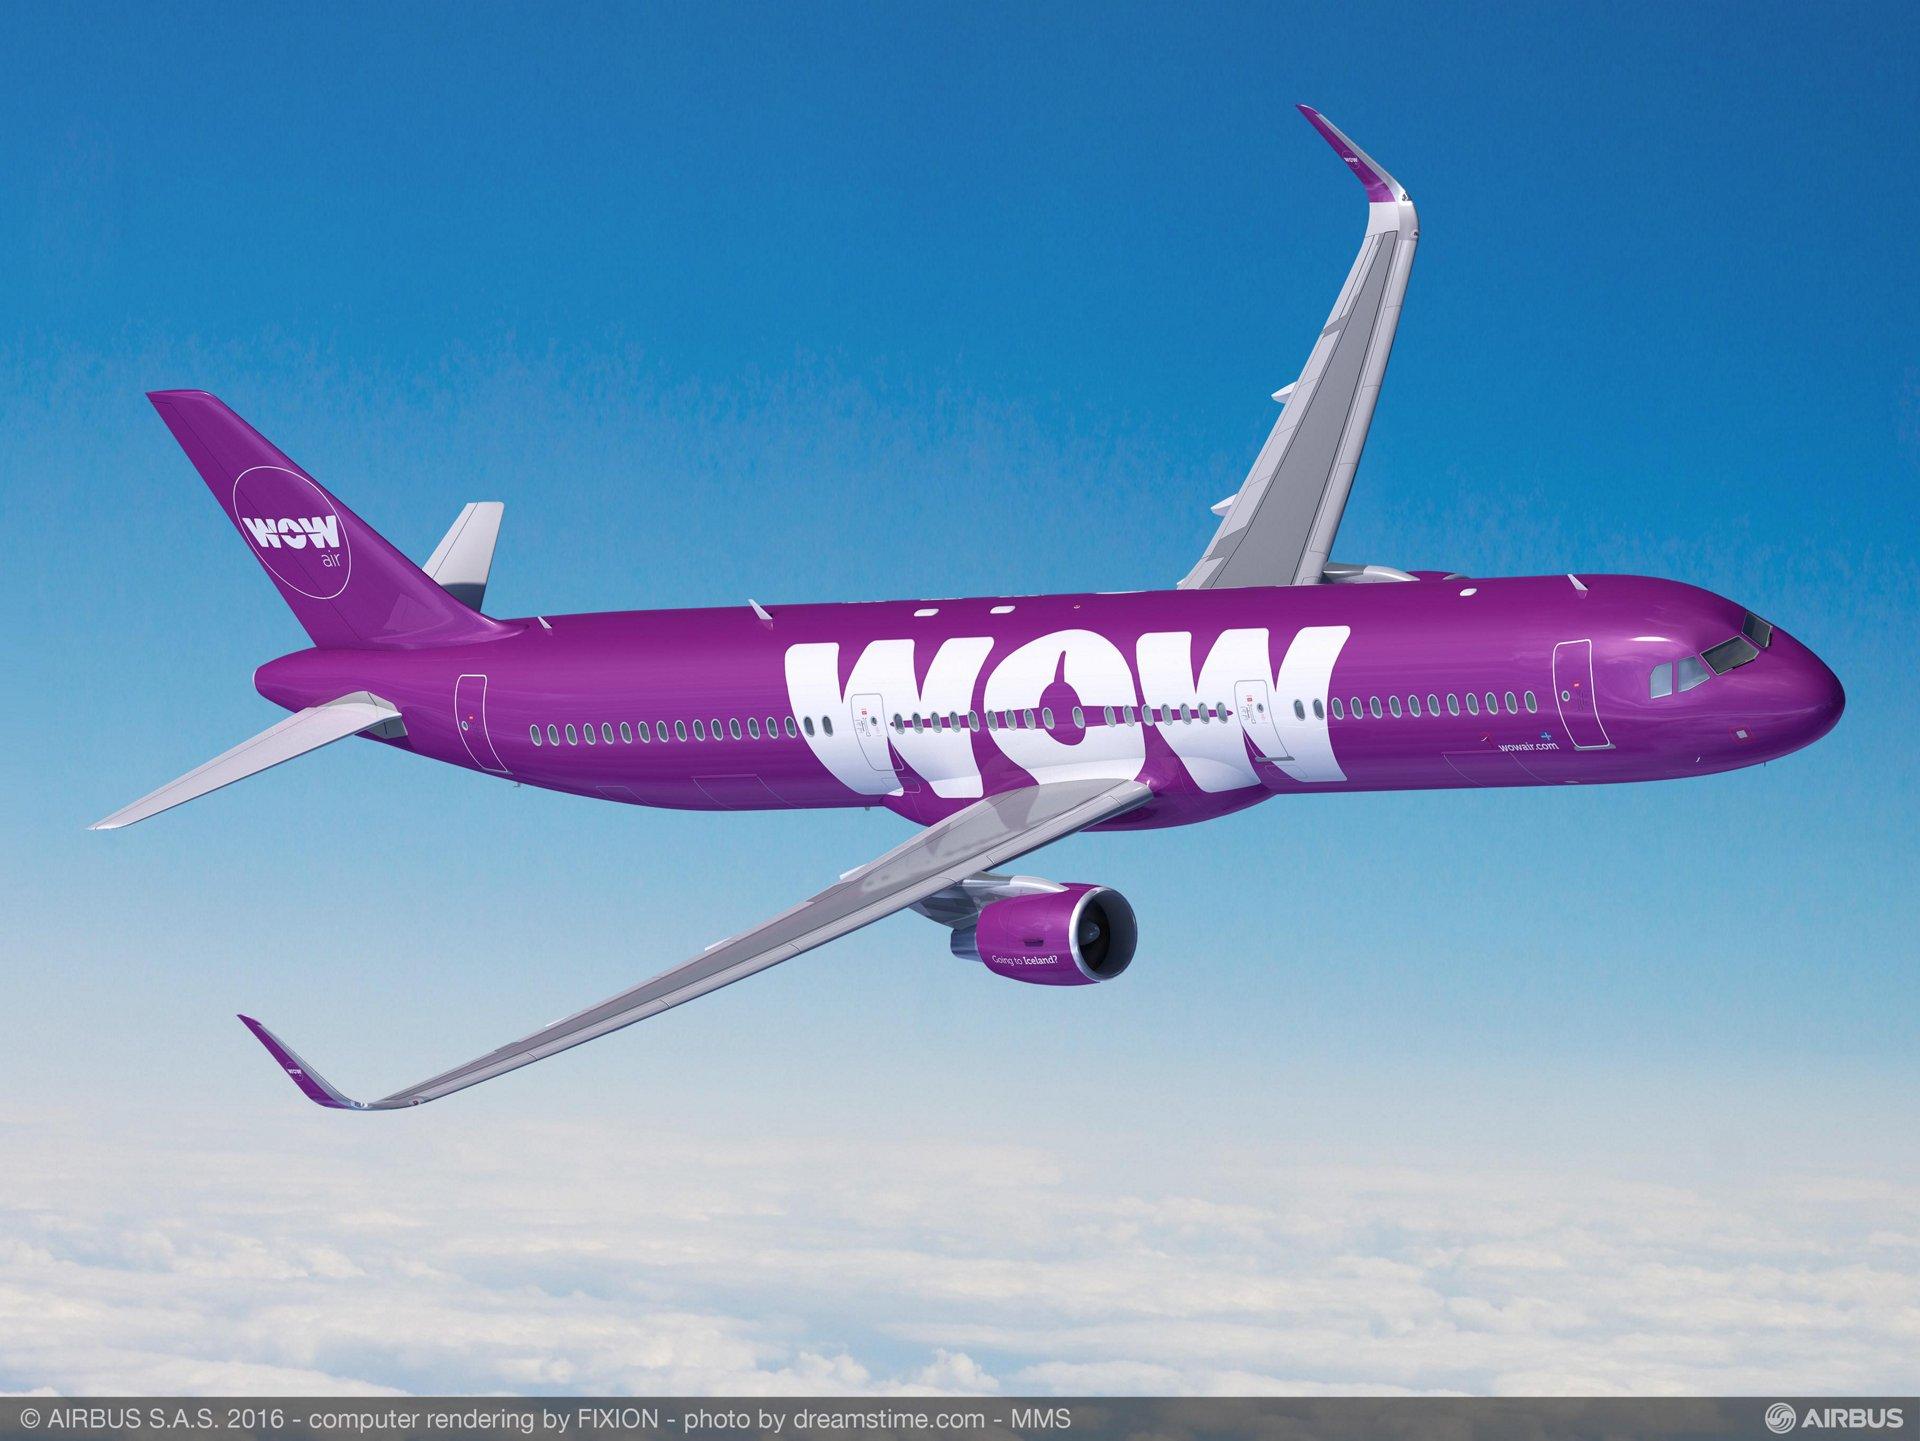 A321 WOW air